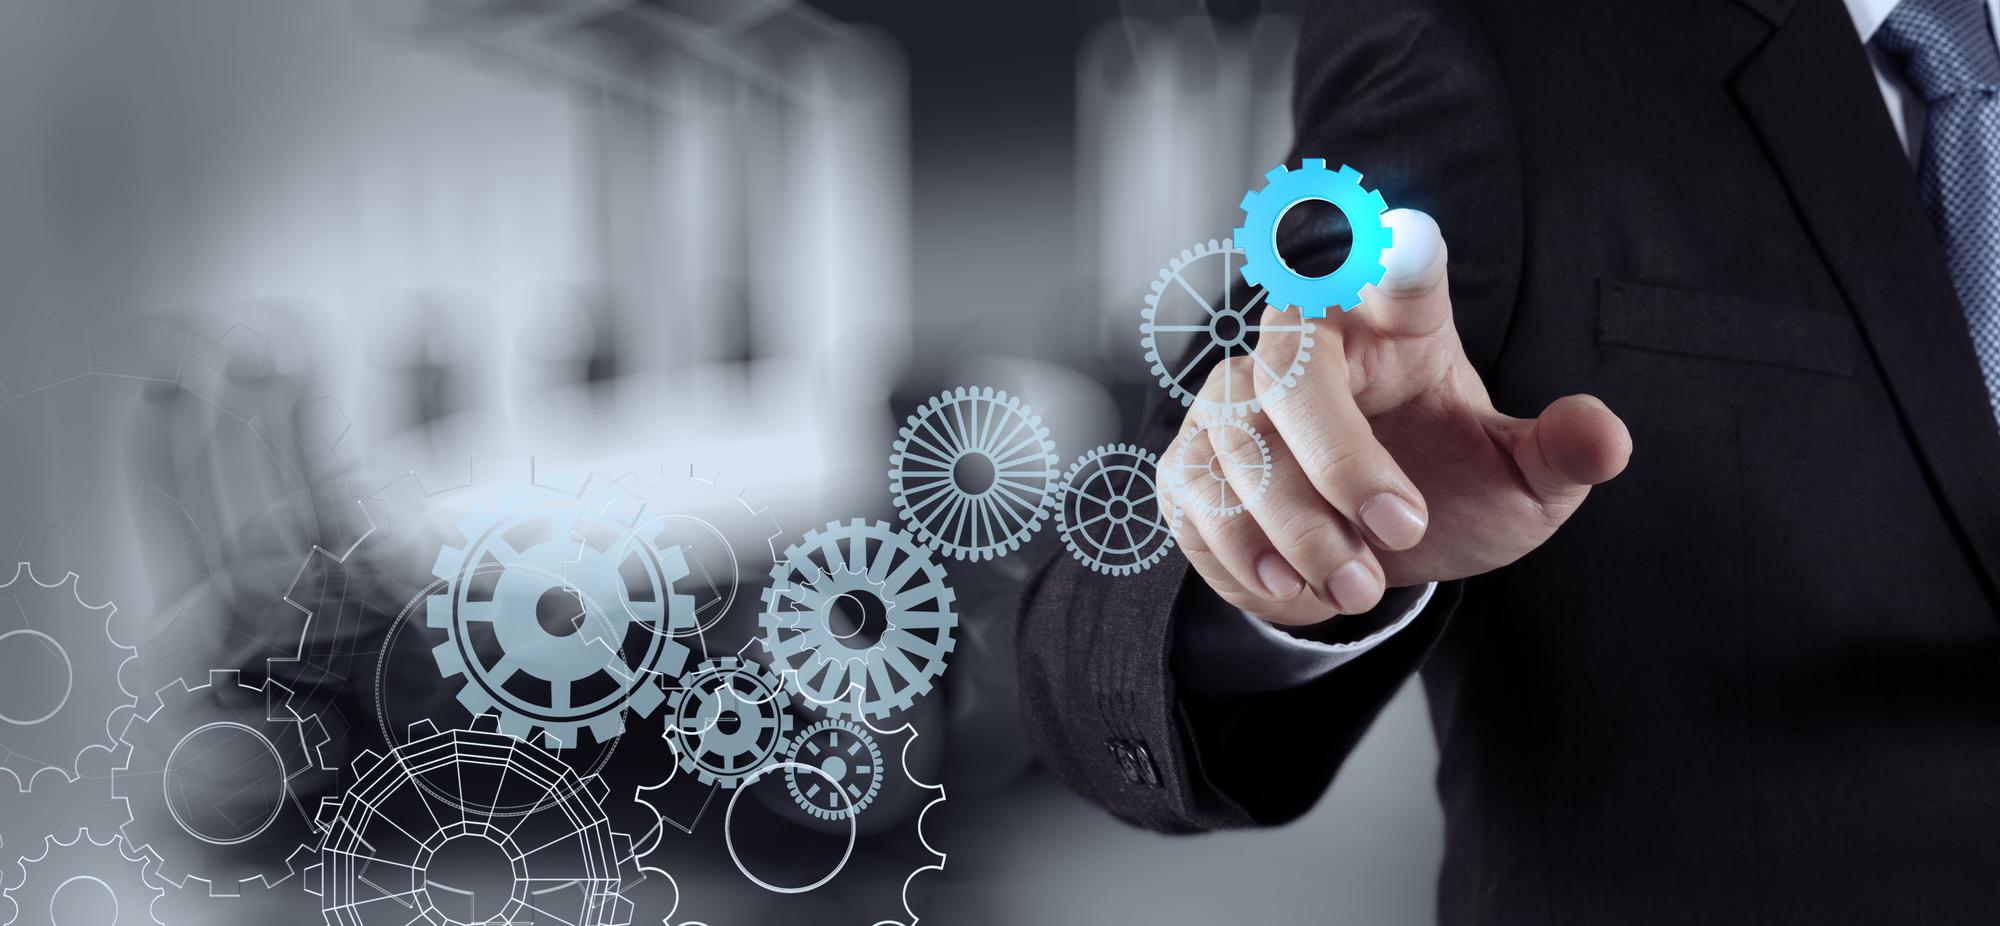 Conozca BMC Control-M en este demo personalizado en el sitio de BMC Software, que le permite seleccionar para ver las áreas que son de su interés